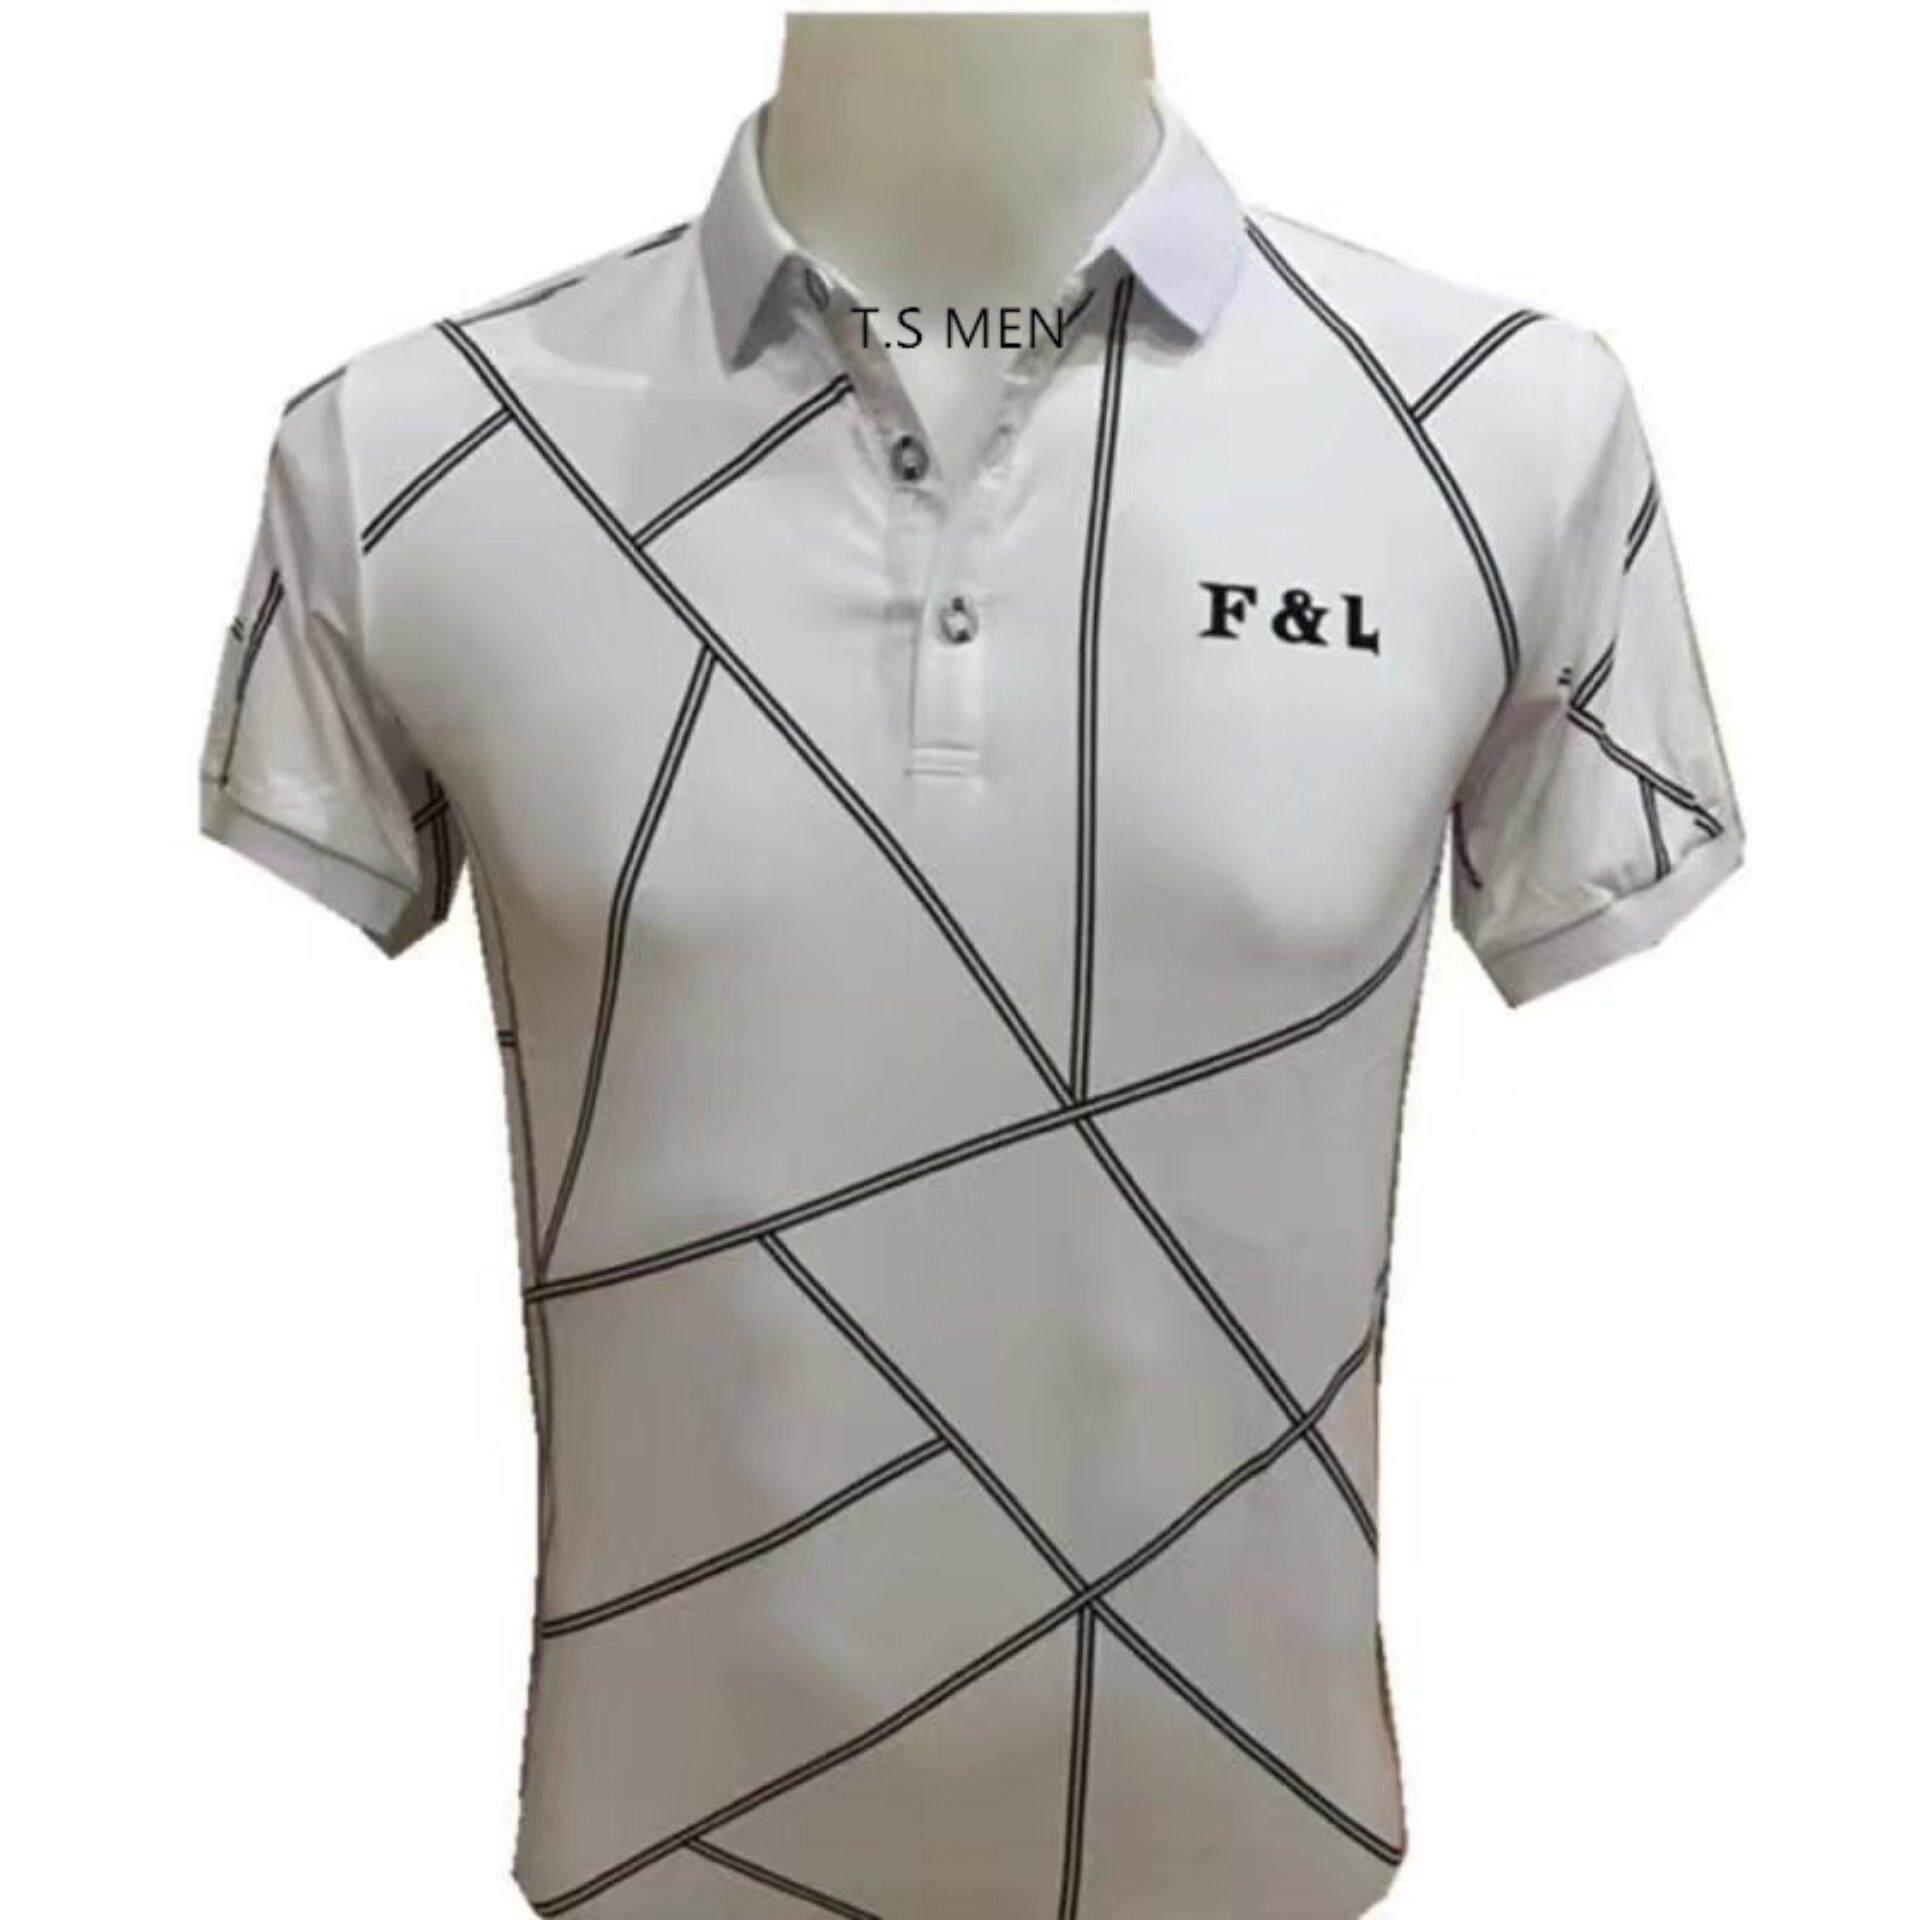 ราคา ราคาถูกที่สุด เสื้อยืดผู้ชายMen S T Shirtเสื้อยืดแฟชั่นผู้ชาย Polo Shirtเสื้อโปโล